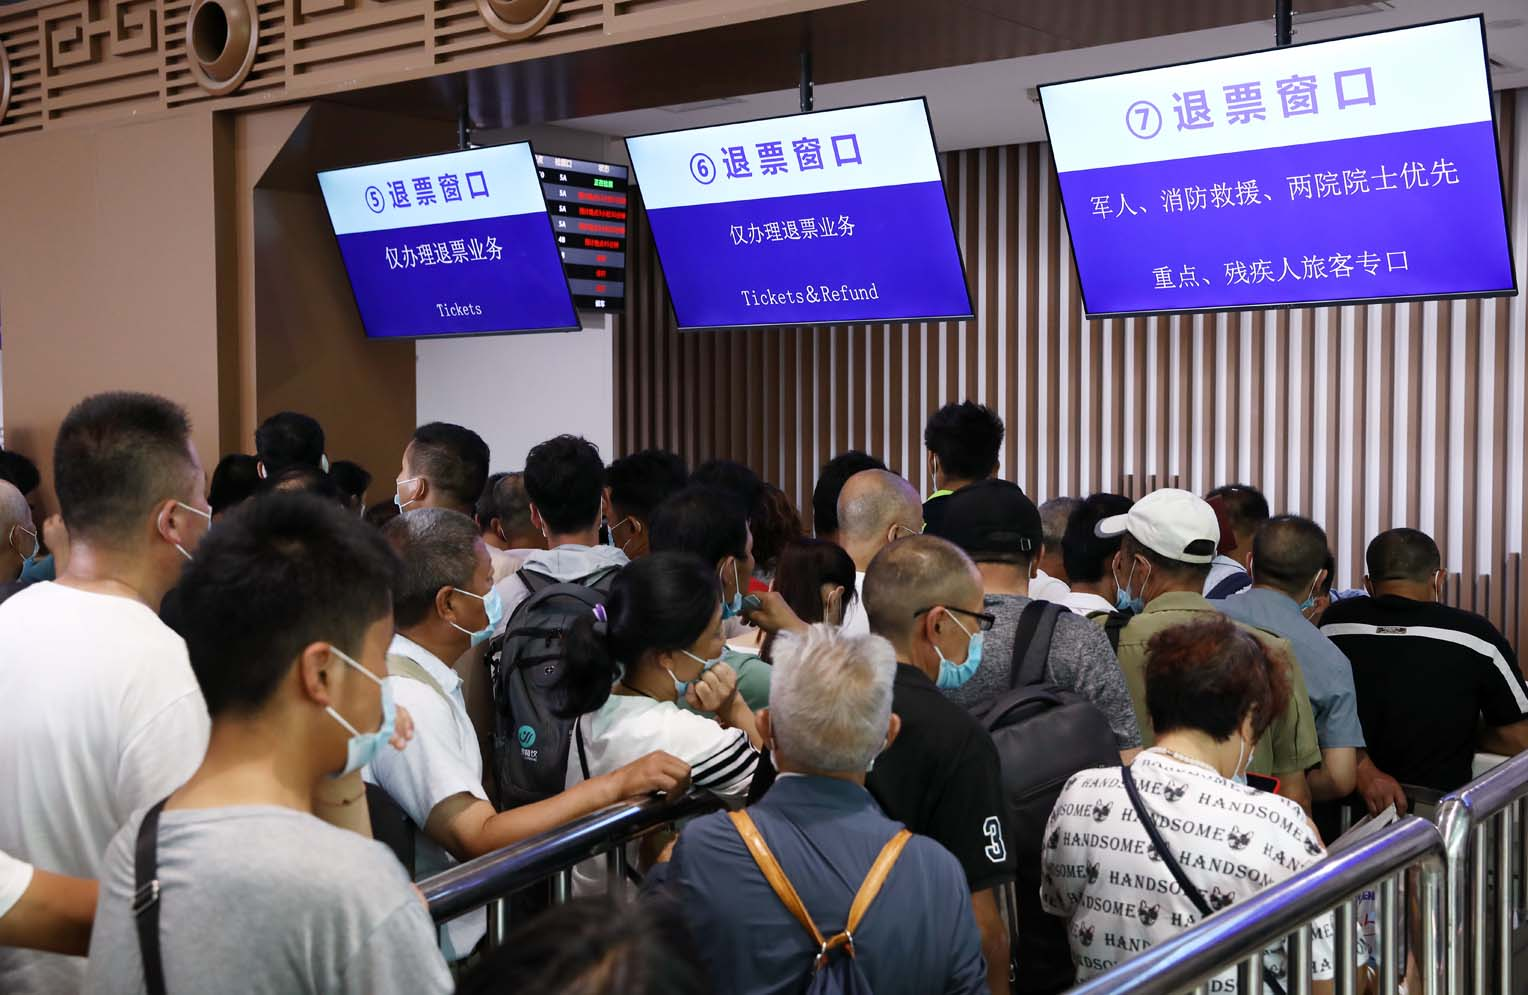 受强降雨影响 西安火车站旅客排队退票井然有序